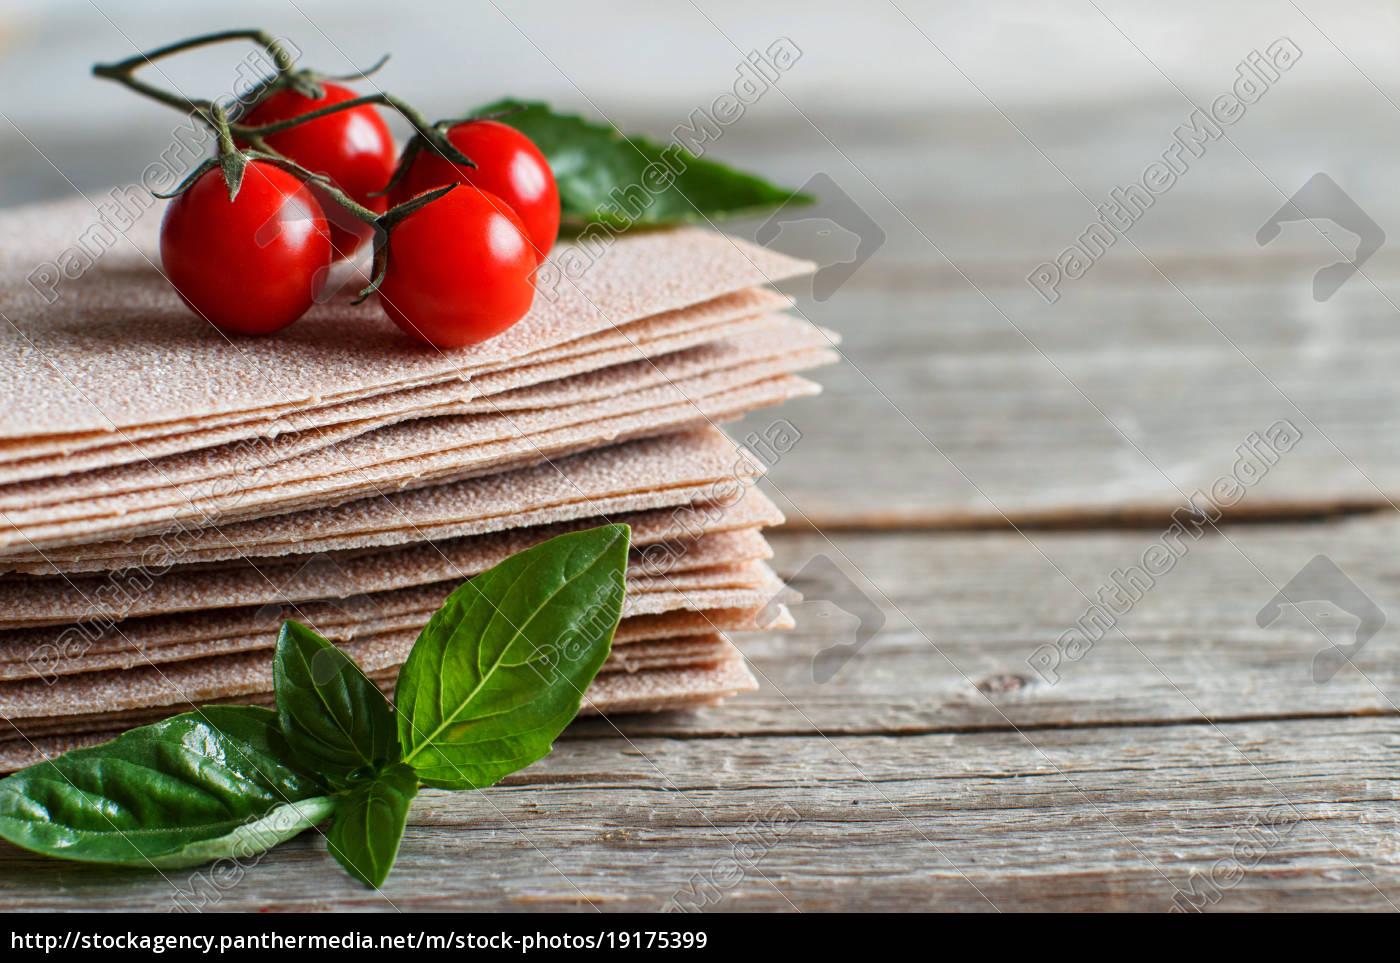 raw, lasagna, sheets, basil, and, cherry, tomatoes - 19175399